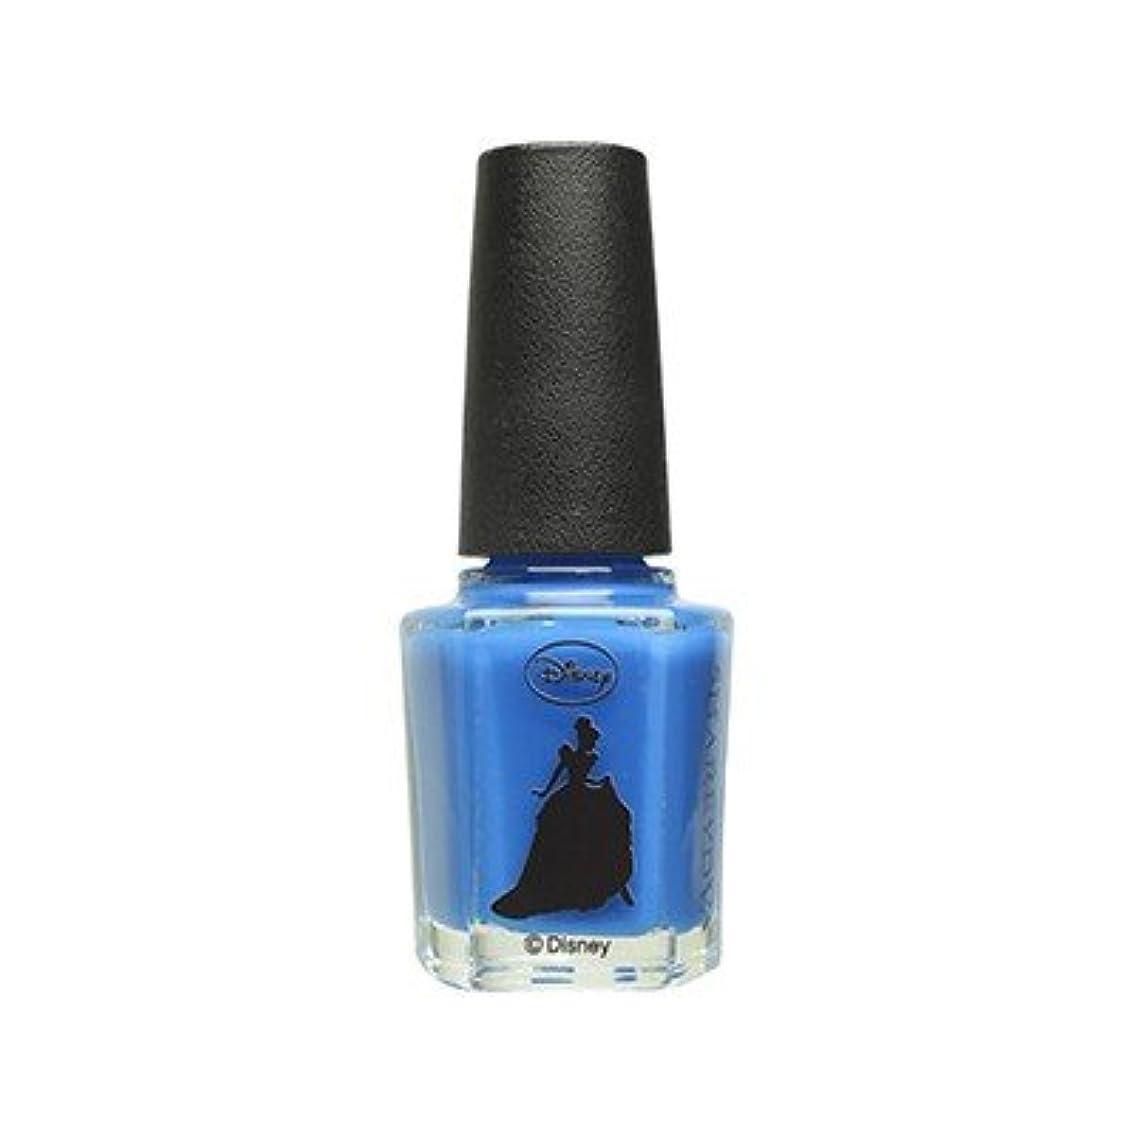 食堂落ち着く征服するネイルカラー ポリッシュ SHAREYDVA シャレドワ baby カラー B38 クラシックブルー 7ml